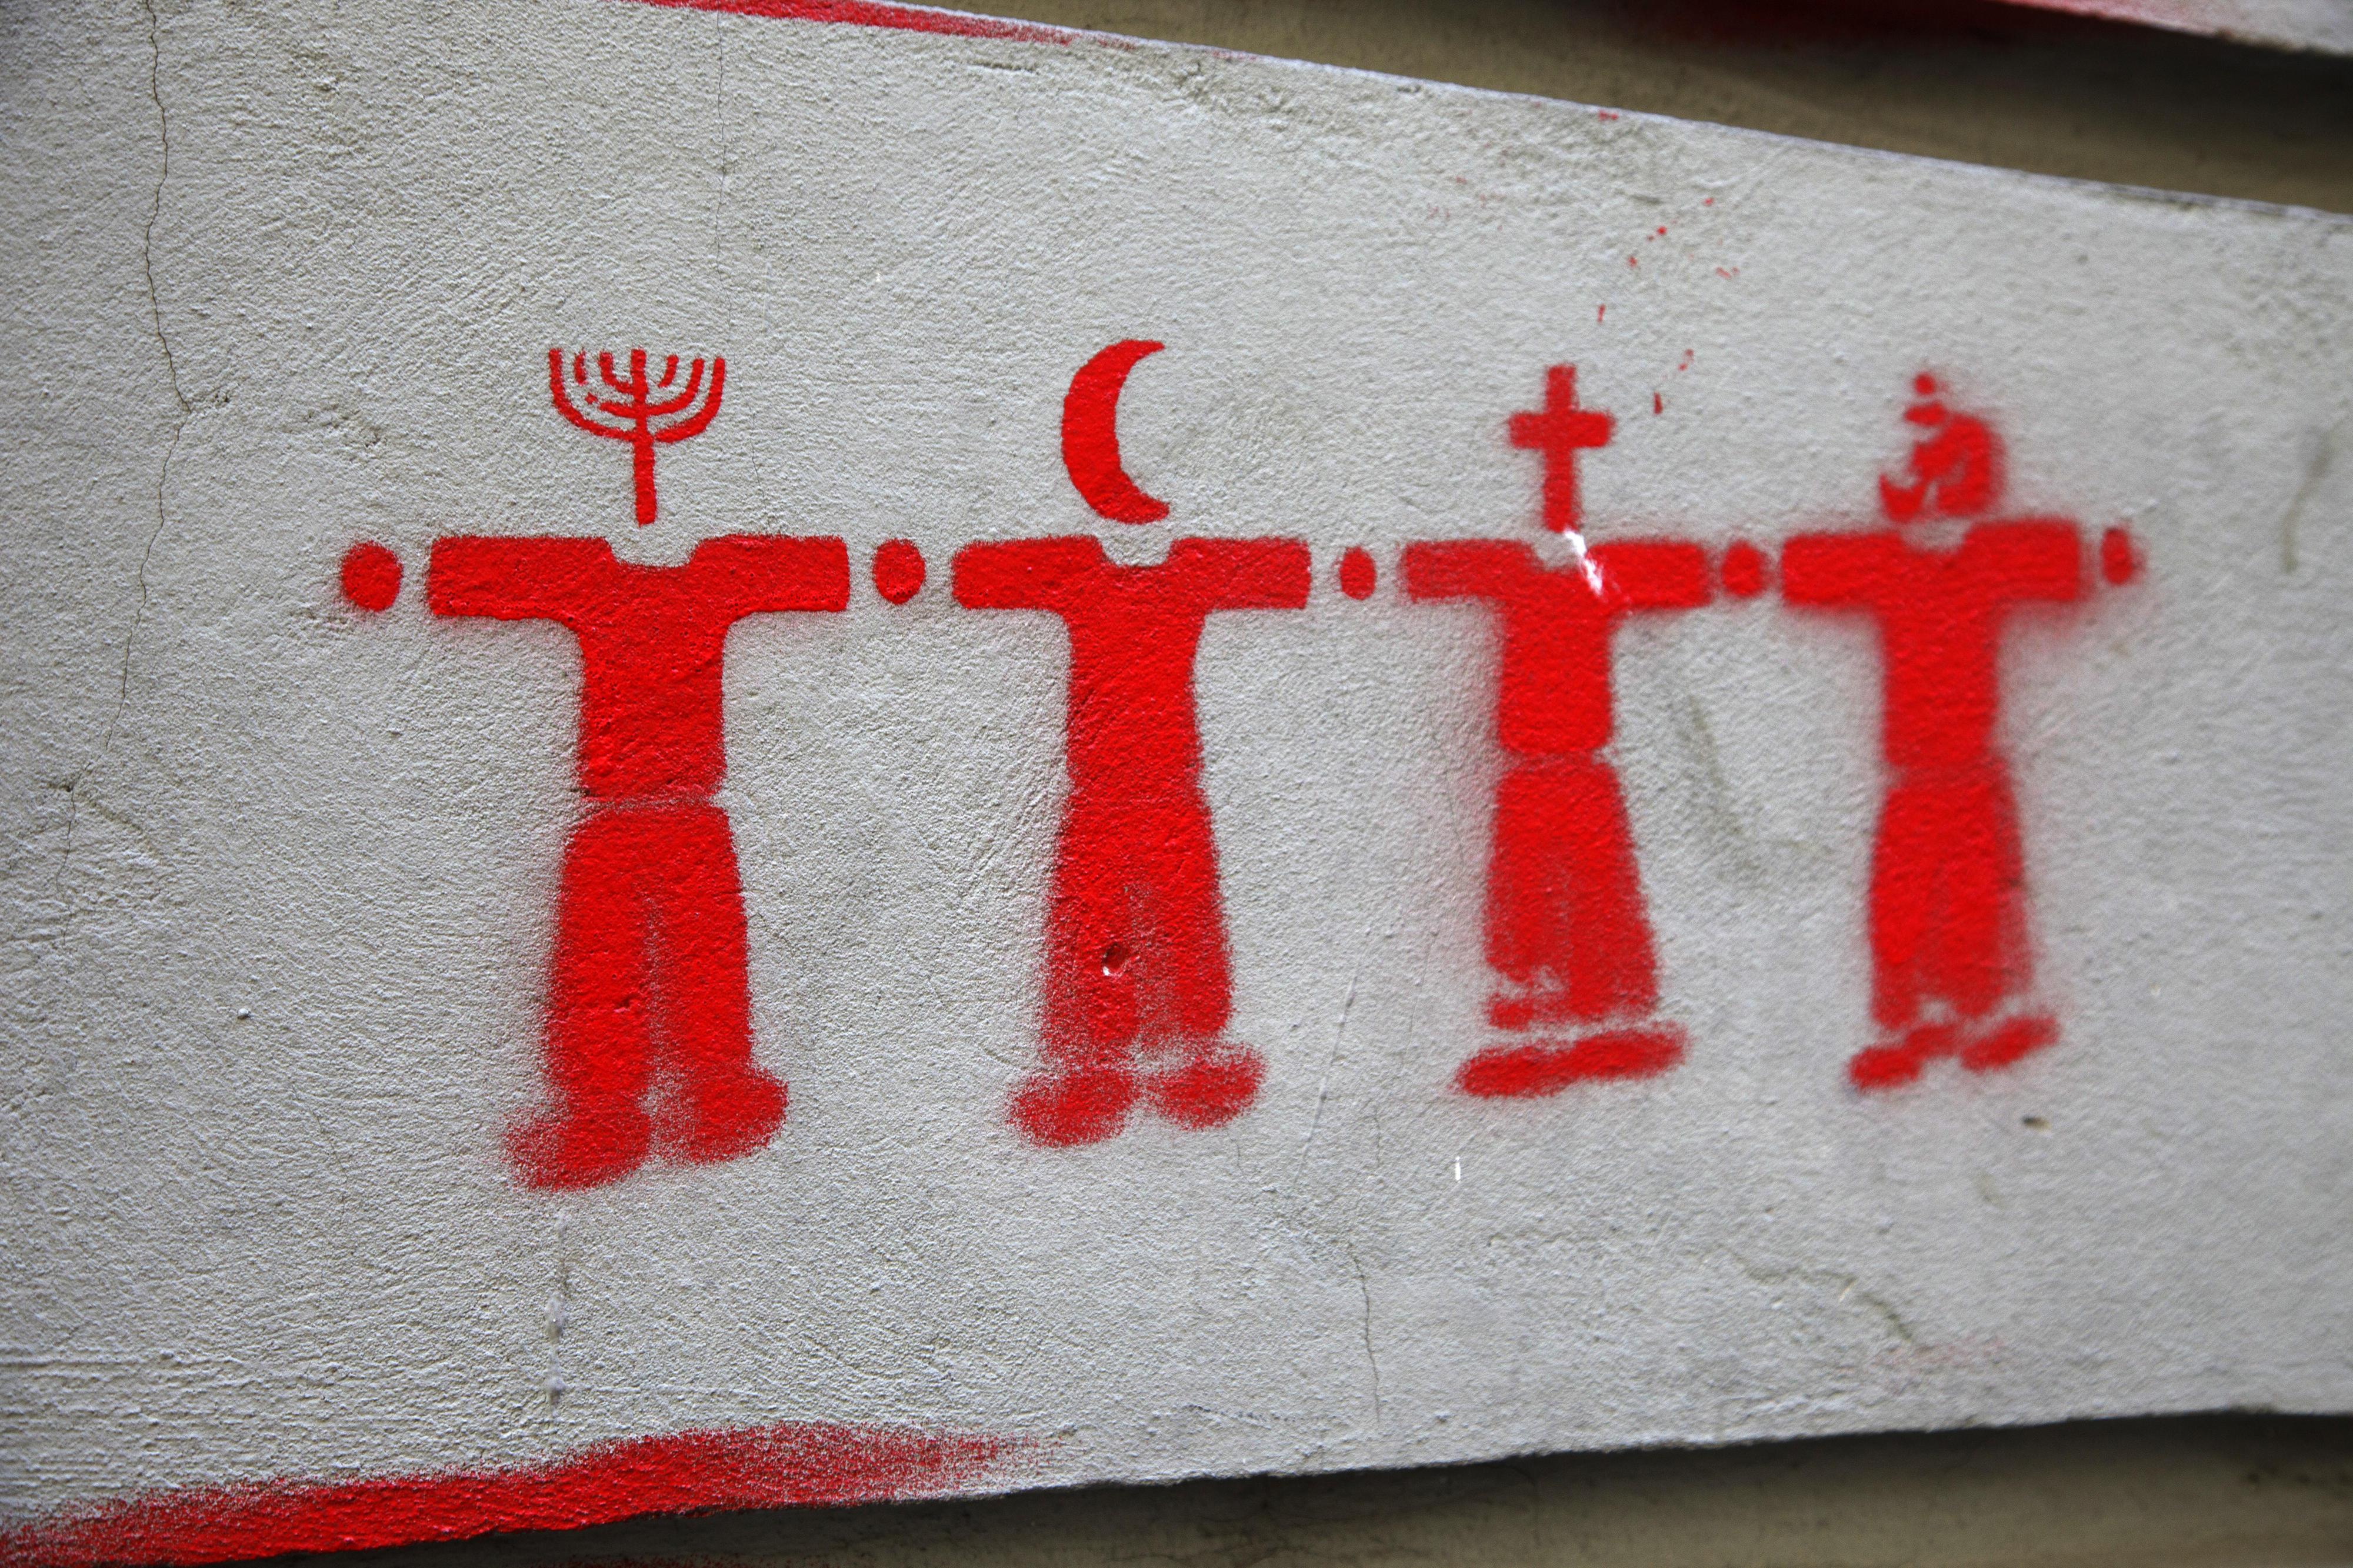 Symbolbild Weltreligionen, dargestellt in Form eines Graffitis auf einer Zementoberfläche: Vier rote Figuren symbolisieren verschiedene Religionen